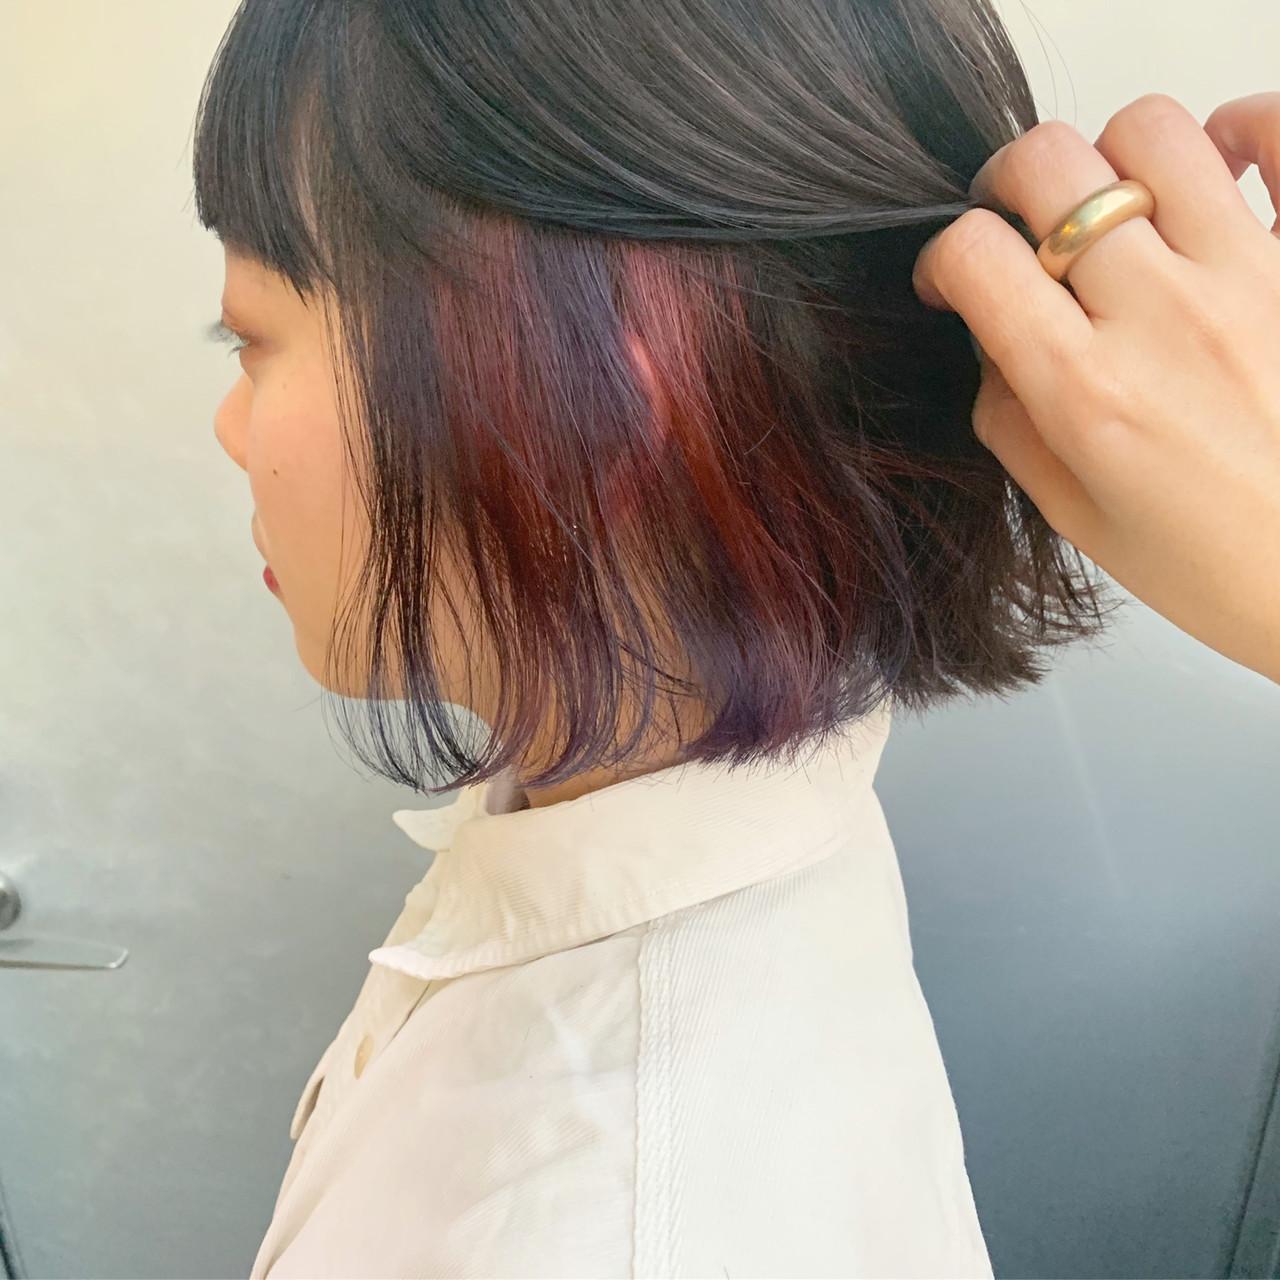 インナーカラー ダブルカラー ストリート ボブ ヘアスタイルや髪型の写真・画像 | アヤ / Lano by HAIR